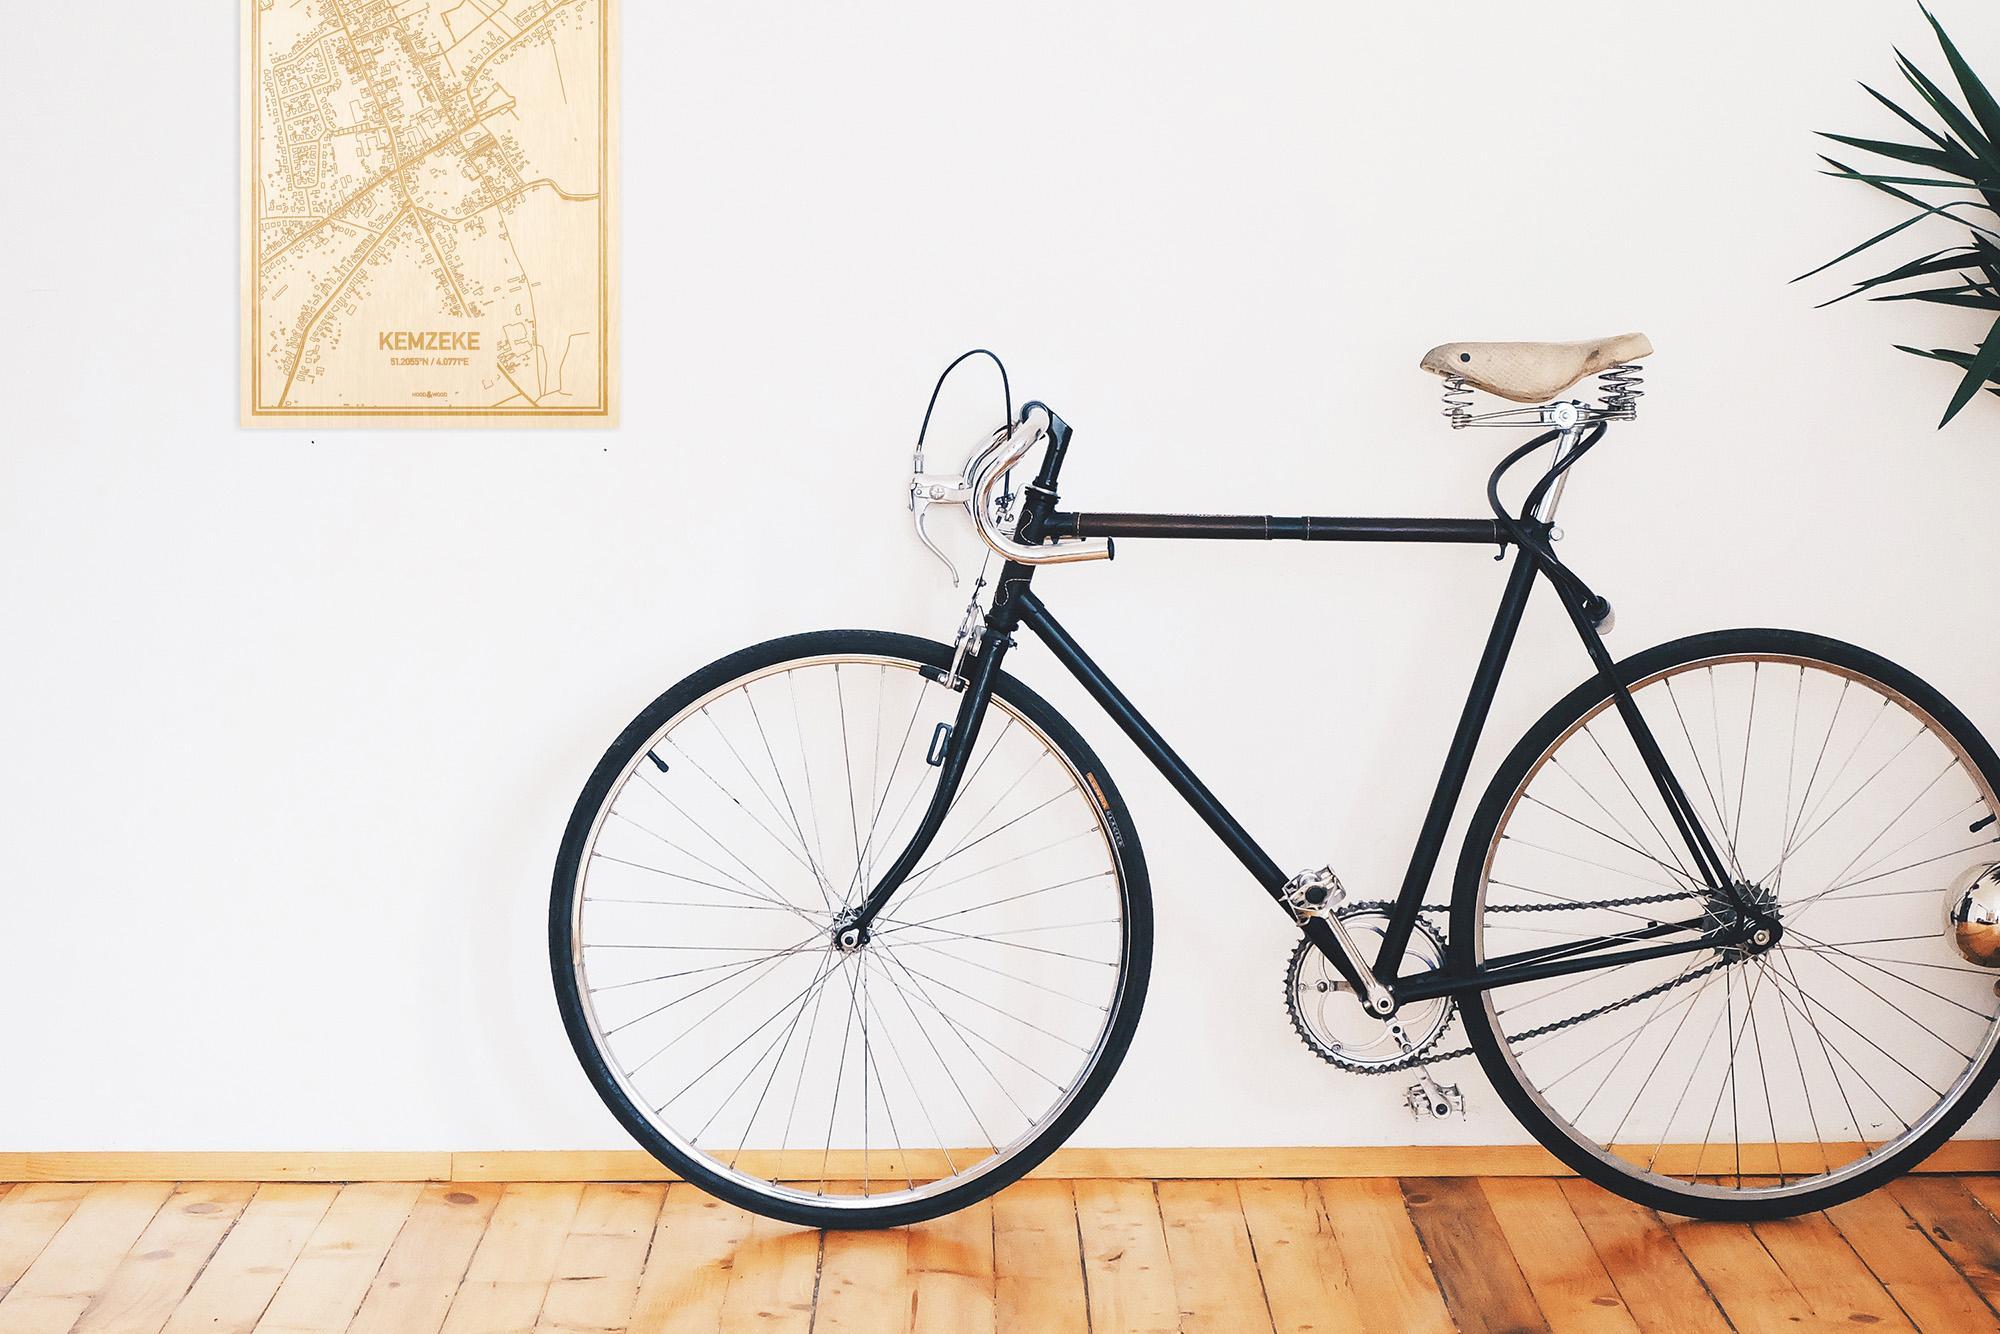 Een snelle fiets in een uniek interieur in Oost-Vlaanderen  met mooie decoratie zoals de plattegrond Kemzeke.